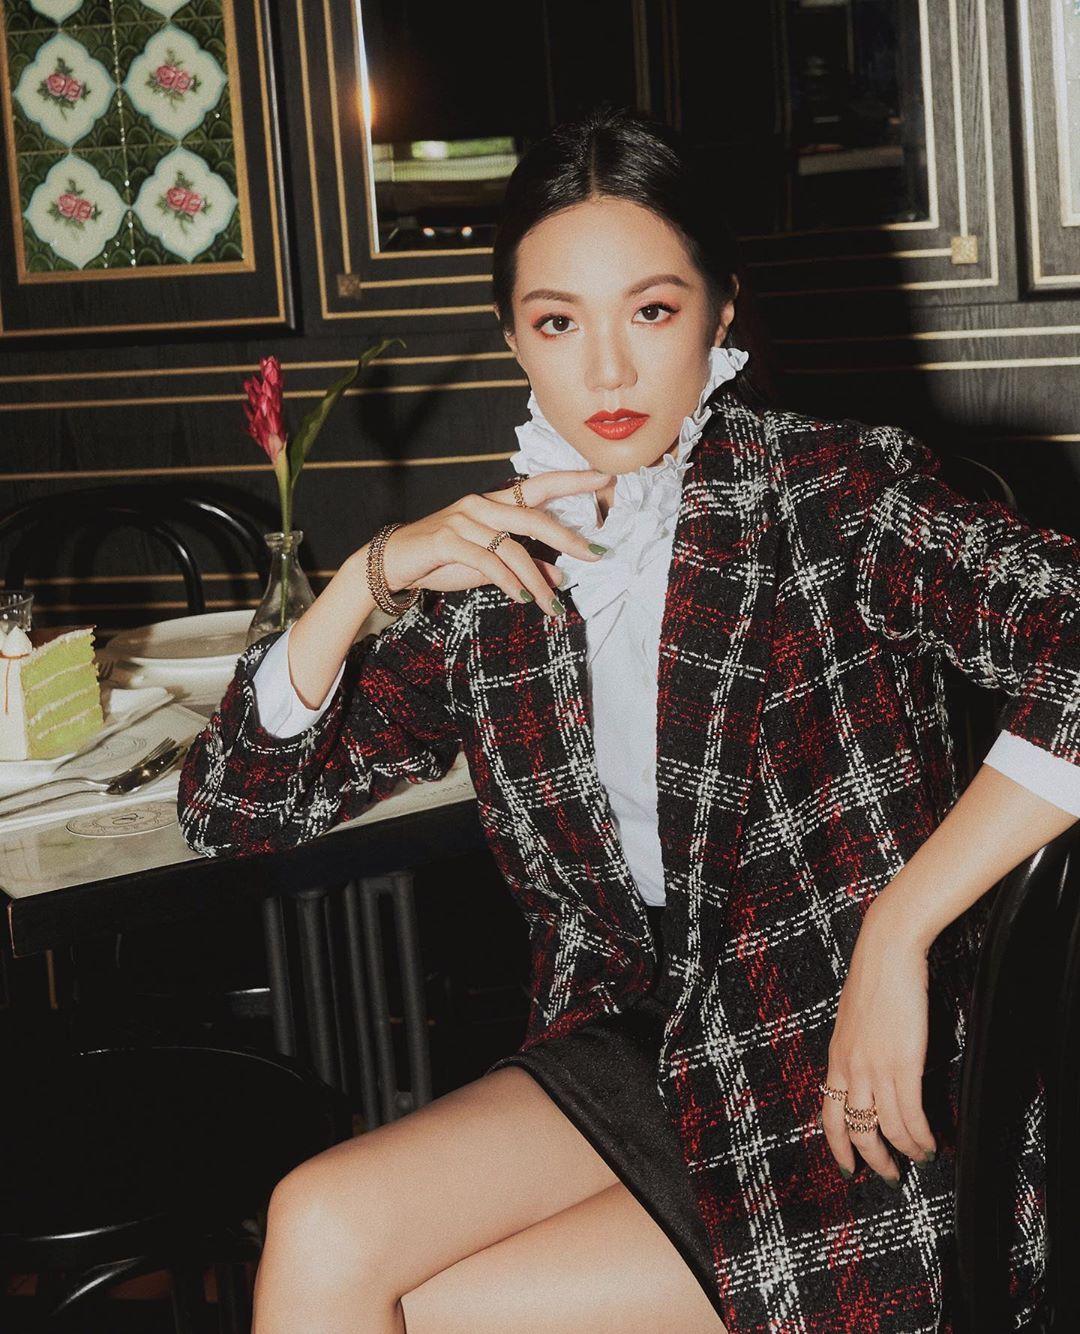 Mặc đẹp cùng trrang phục đi làm sang trọng với áo blazer chất liệu tweed